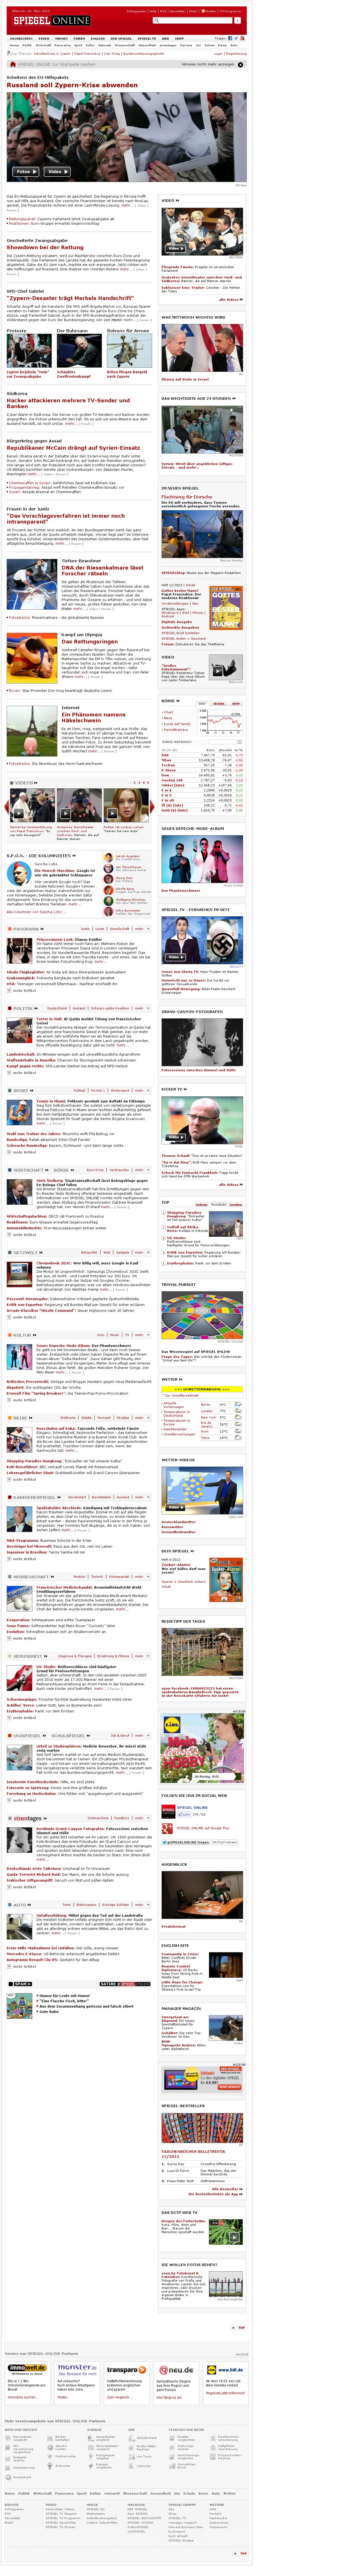 Spiegel Online at Wednesday March 20, 2013, 7:25 a.m. UTC